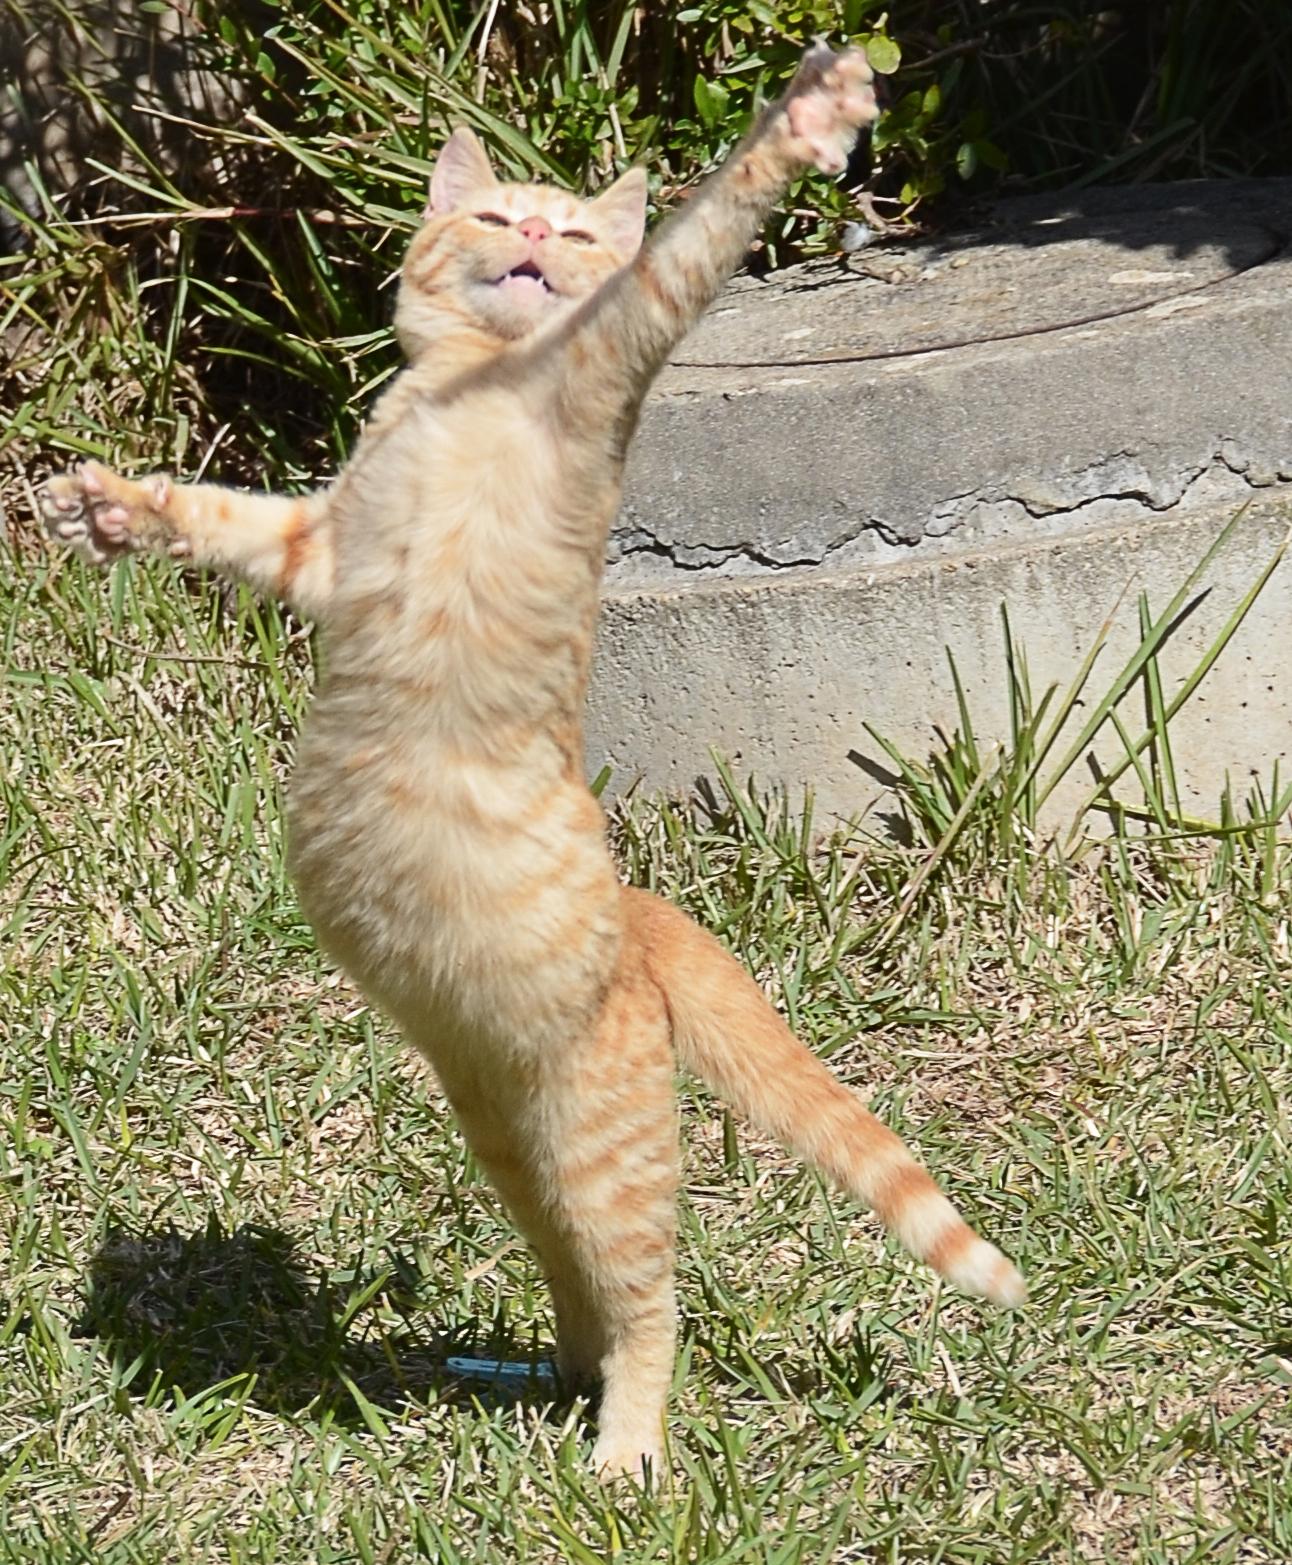 Grappige afbeeldingen: Grappige foto's; dansende kat